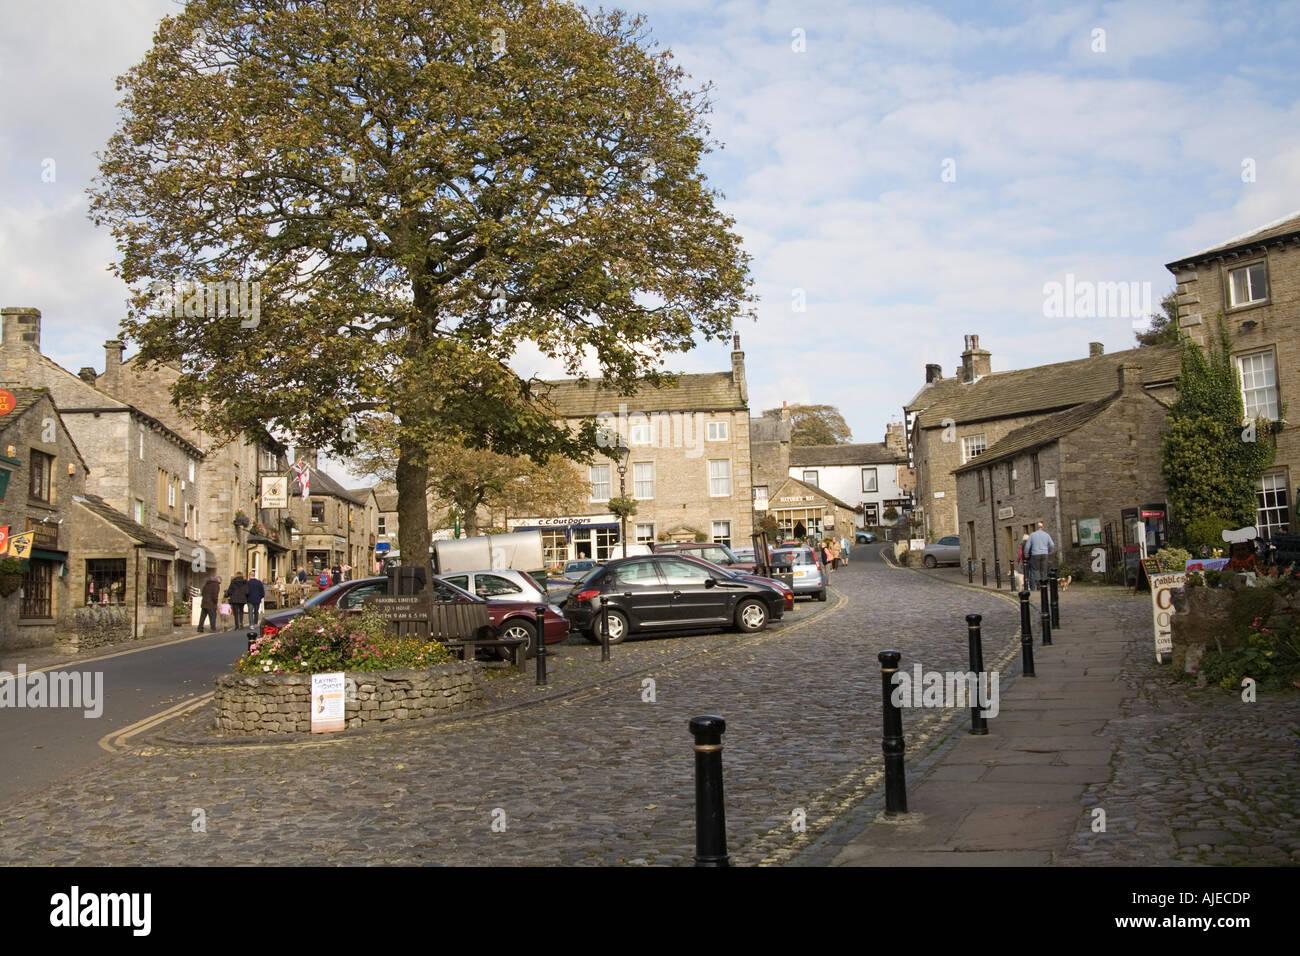 GRASSINGTON NORTH YORKSHIRE UK du principe supérieur Wharfedale village a gardé son charme avec la petite place du marché pavée Banque D'Images